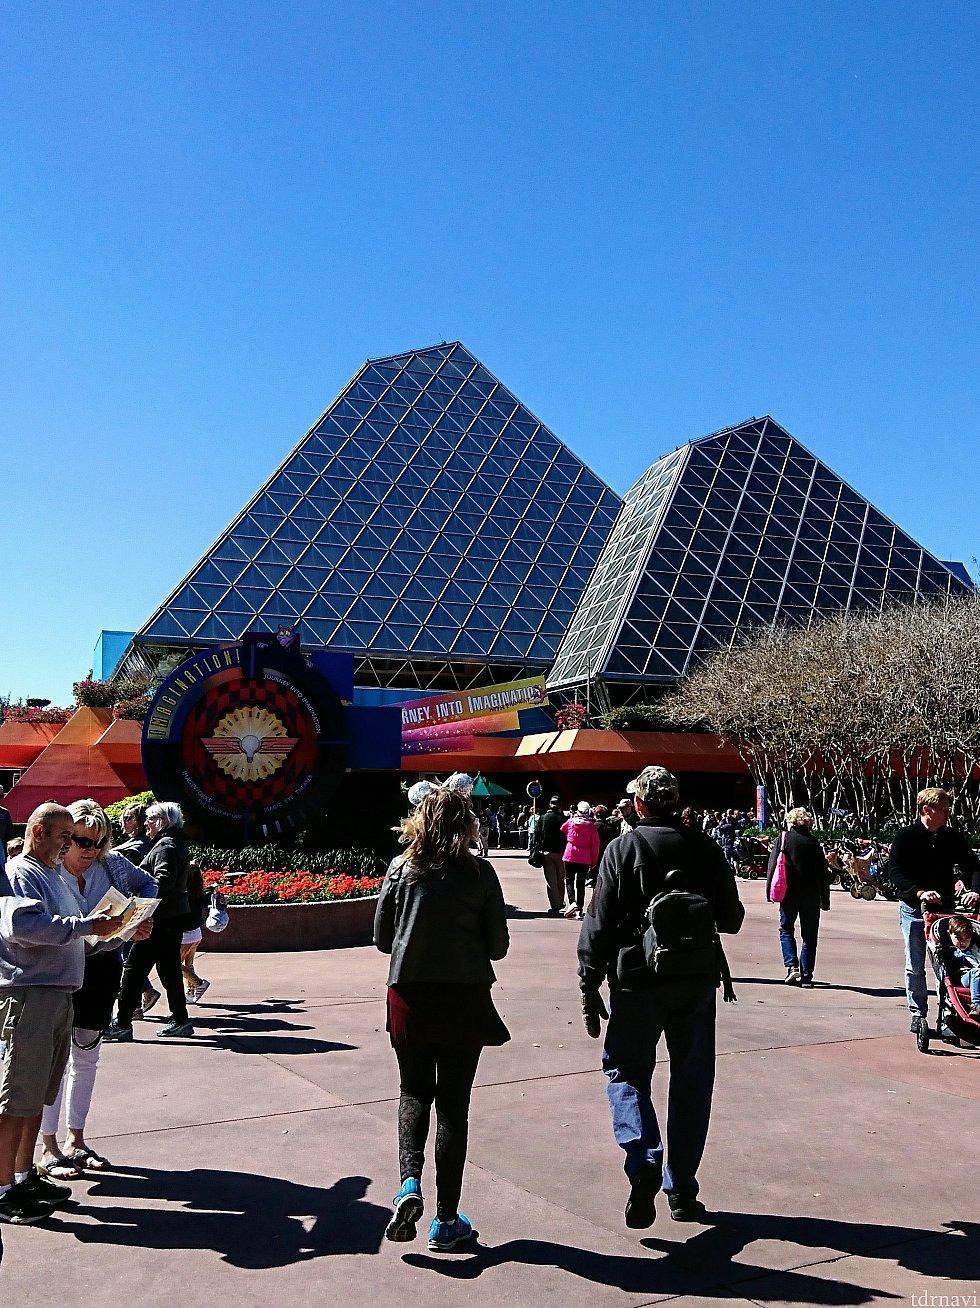 鏡のピラミッドの様な建物。「フィグメンント」のアトラクションは右側。 「イメージワークス」の入口は左側。